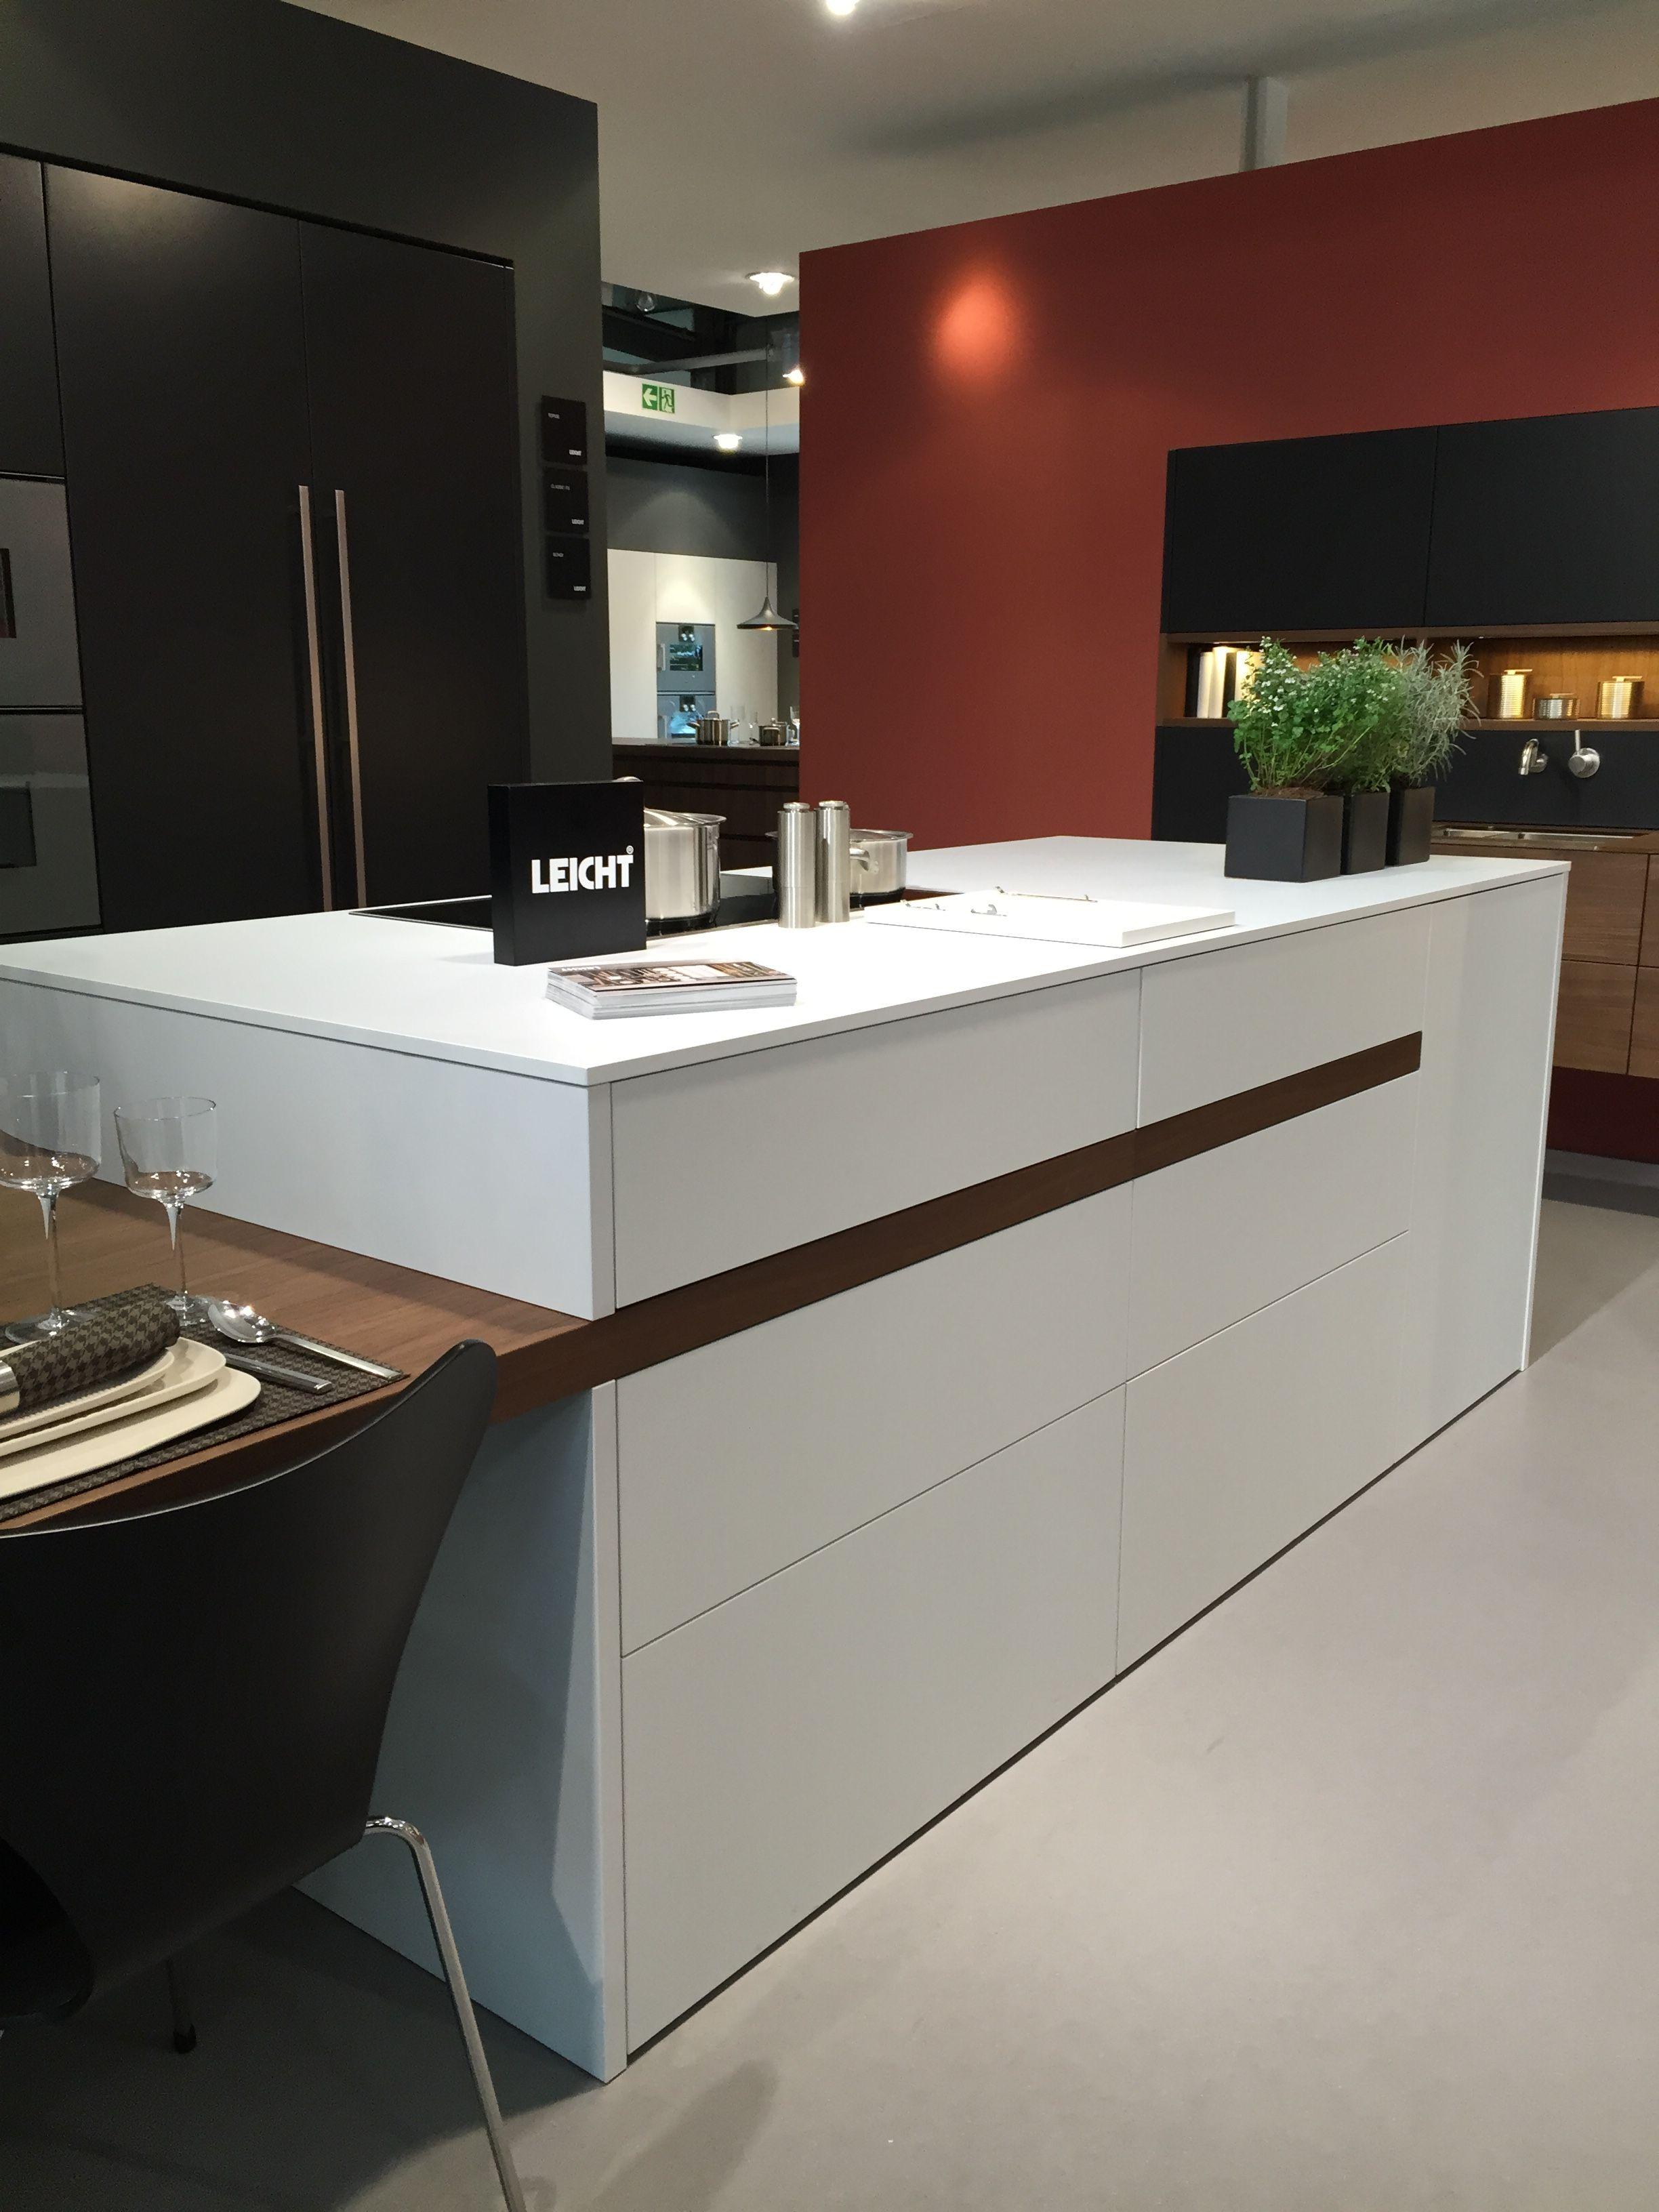 Smart Design Keukens : Smart design ziet u de plinten wauw wat een keuken tafelblad